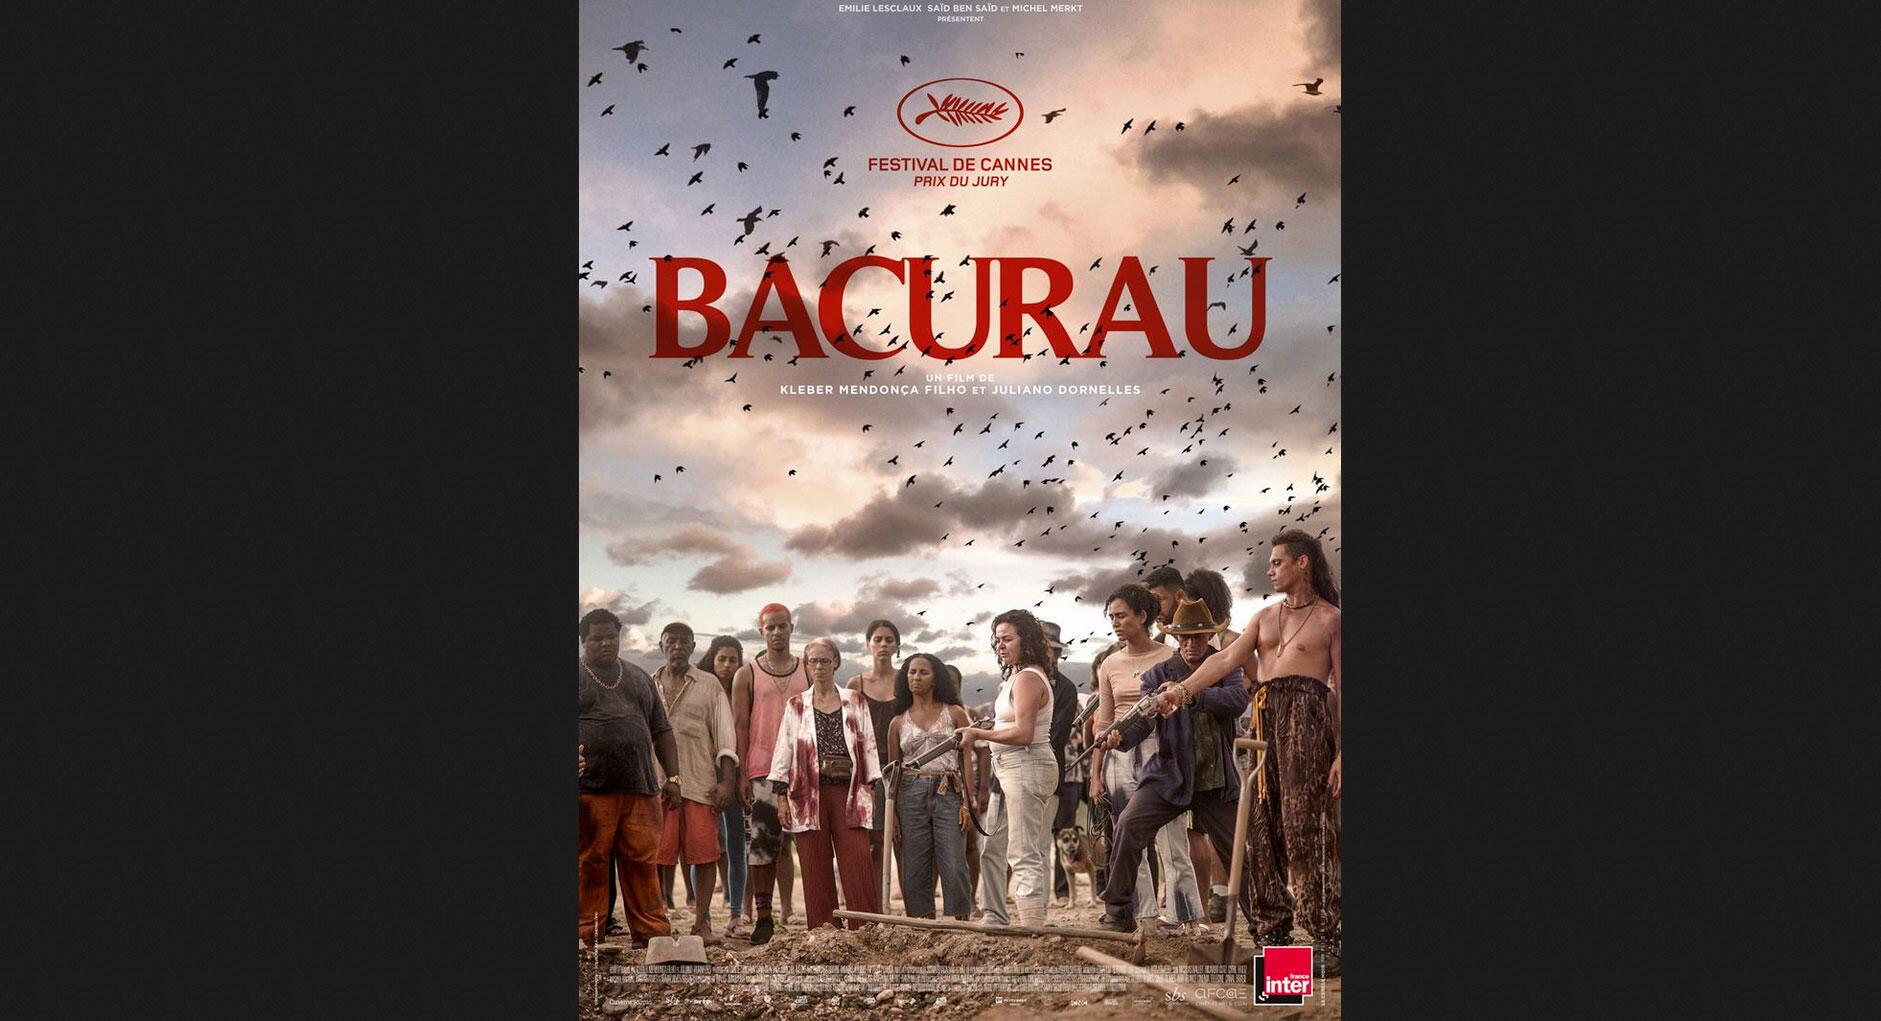 A imprensa francesa destaca a estreia nas salas do país do filme brasileiro Bacurau, de Kleber Mendonça Filho e Juliano Dornelles